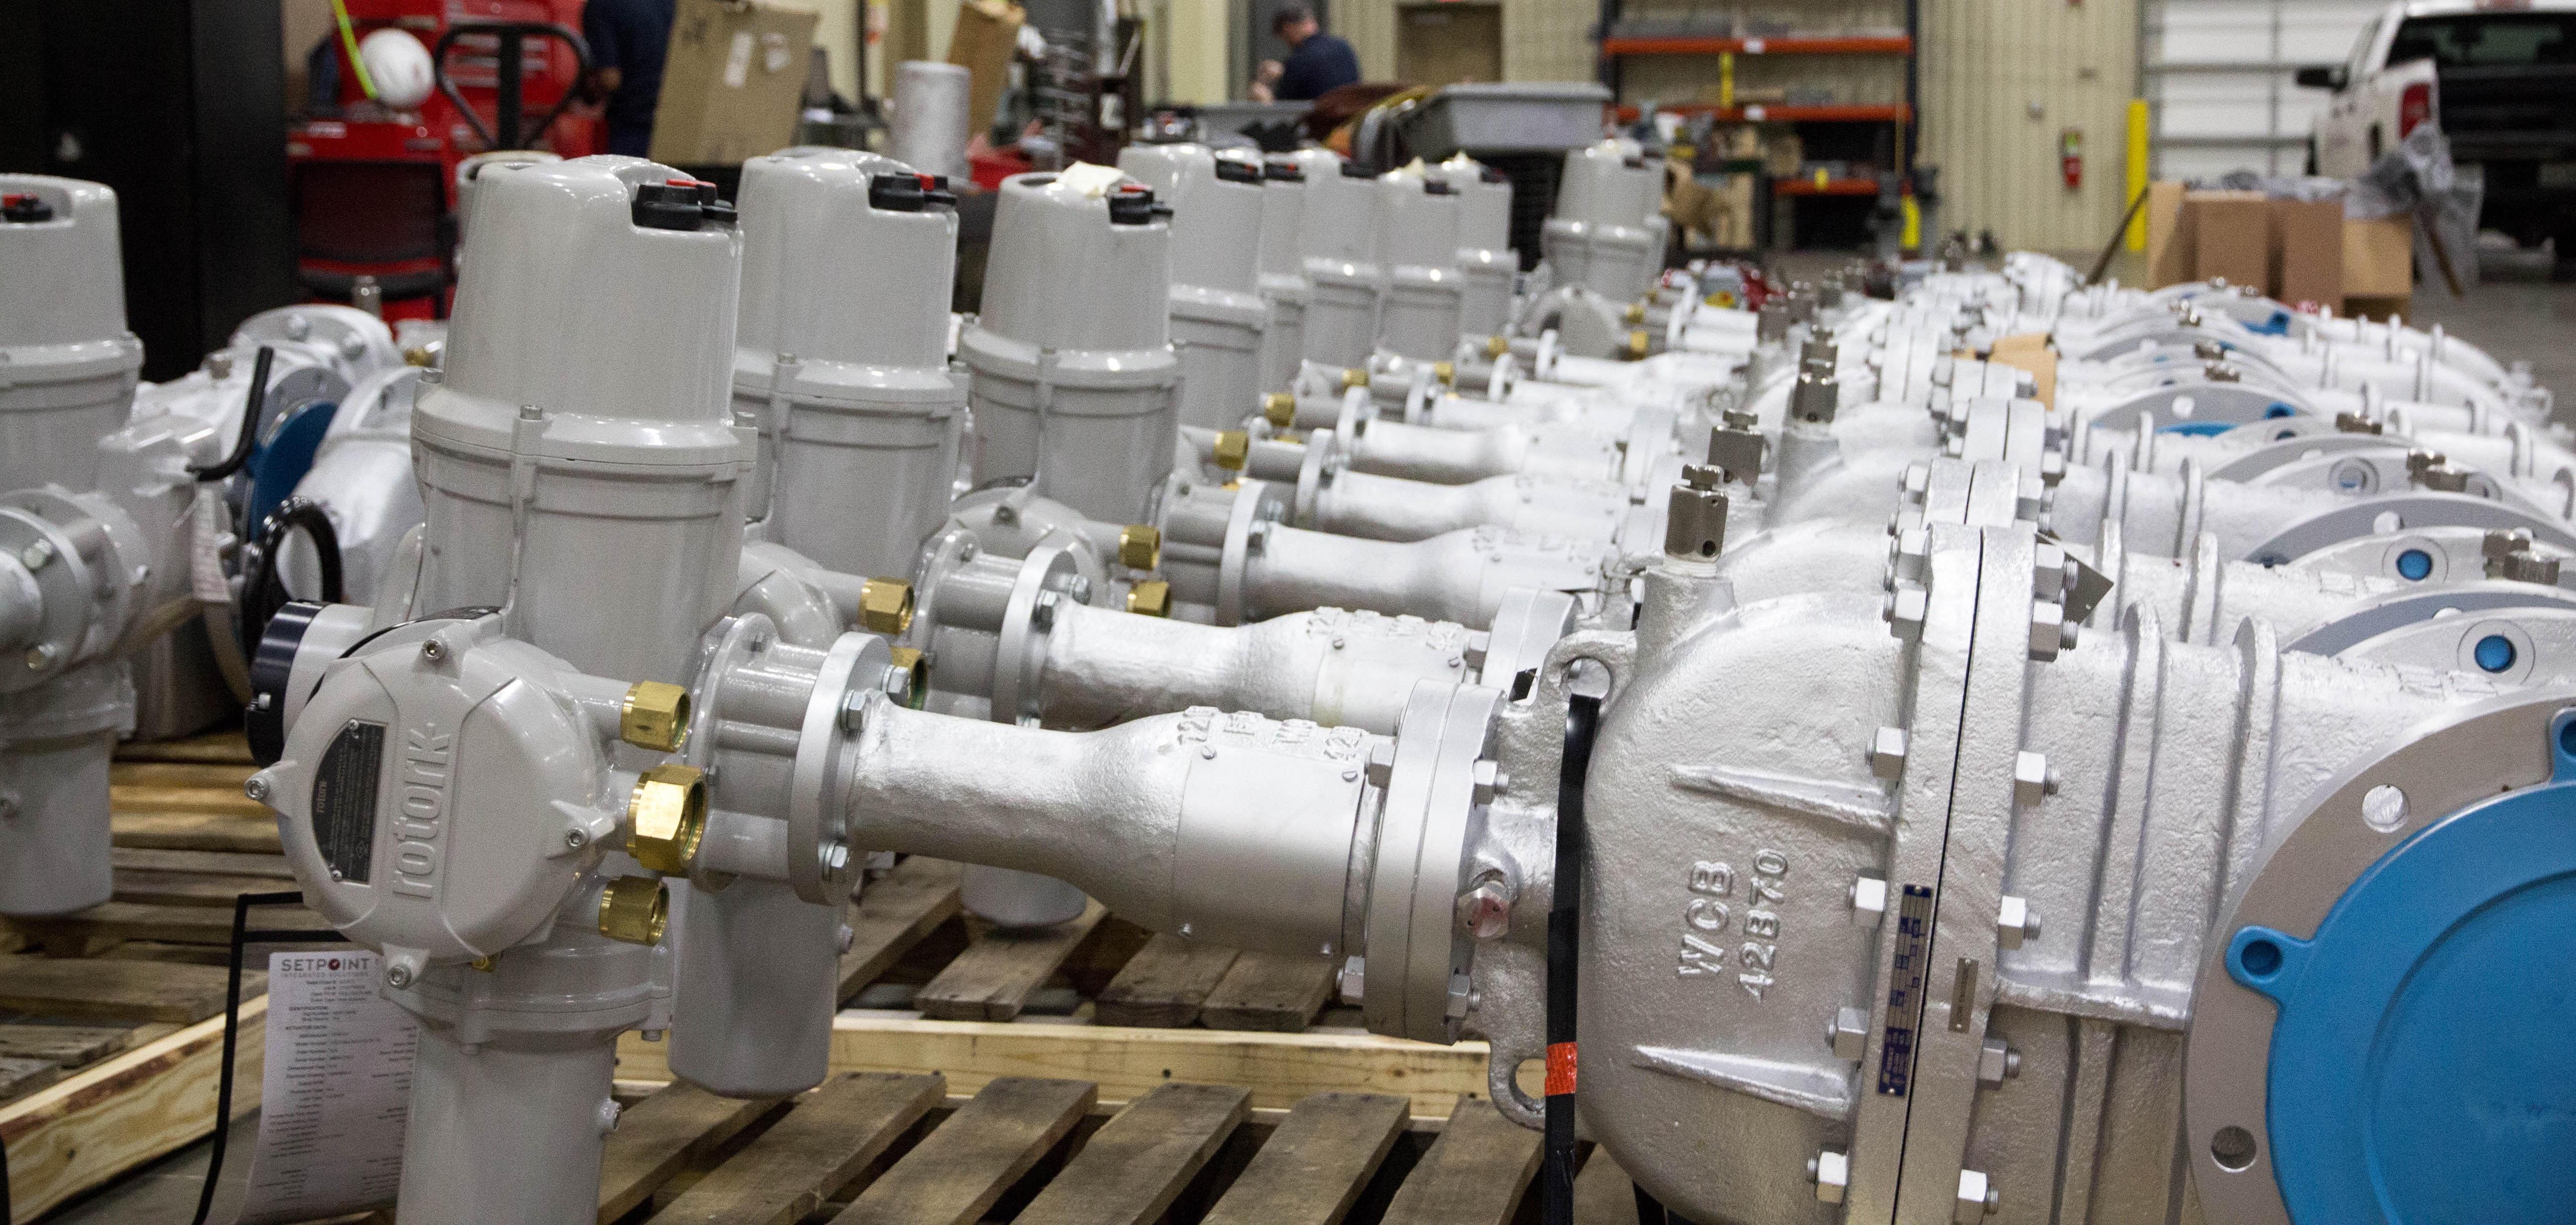 Diagram 3000 Rotork Wiring Diagram Rotork Wiring Diagram Limitorque